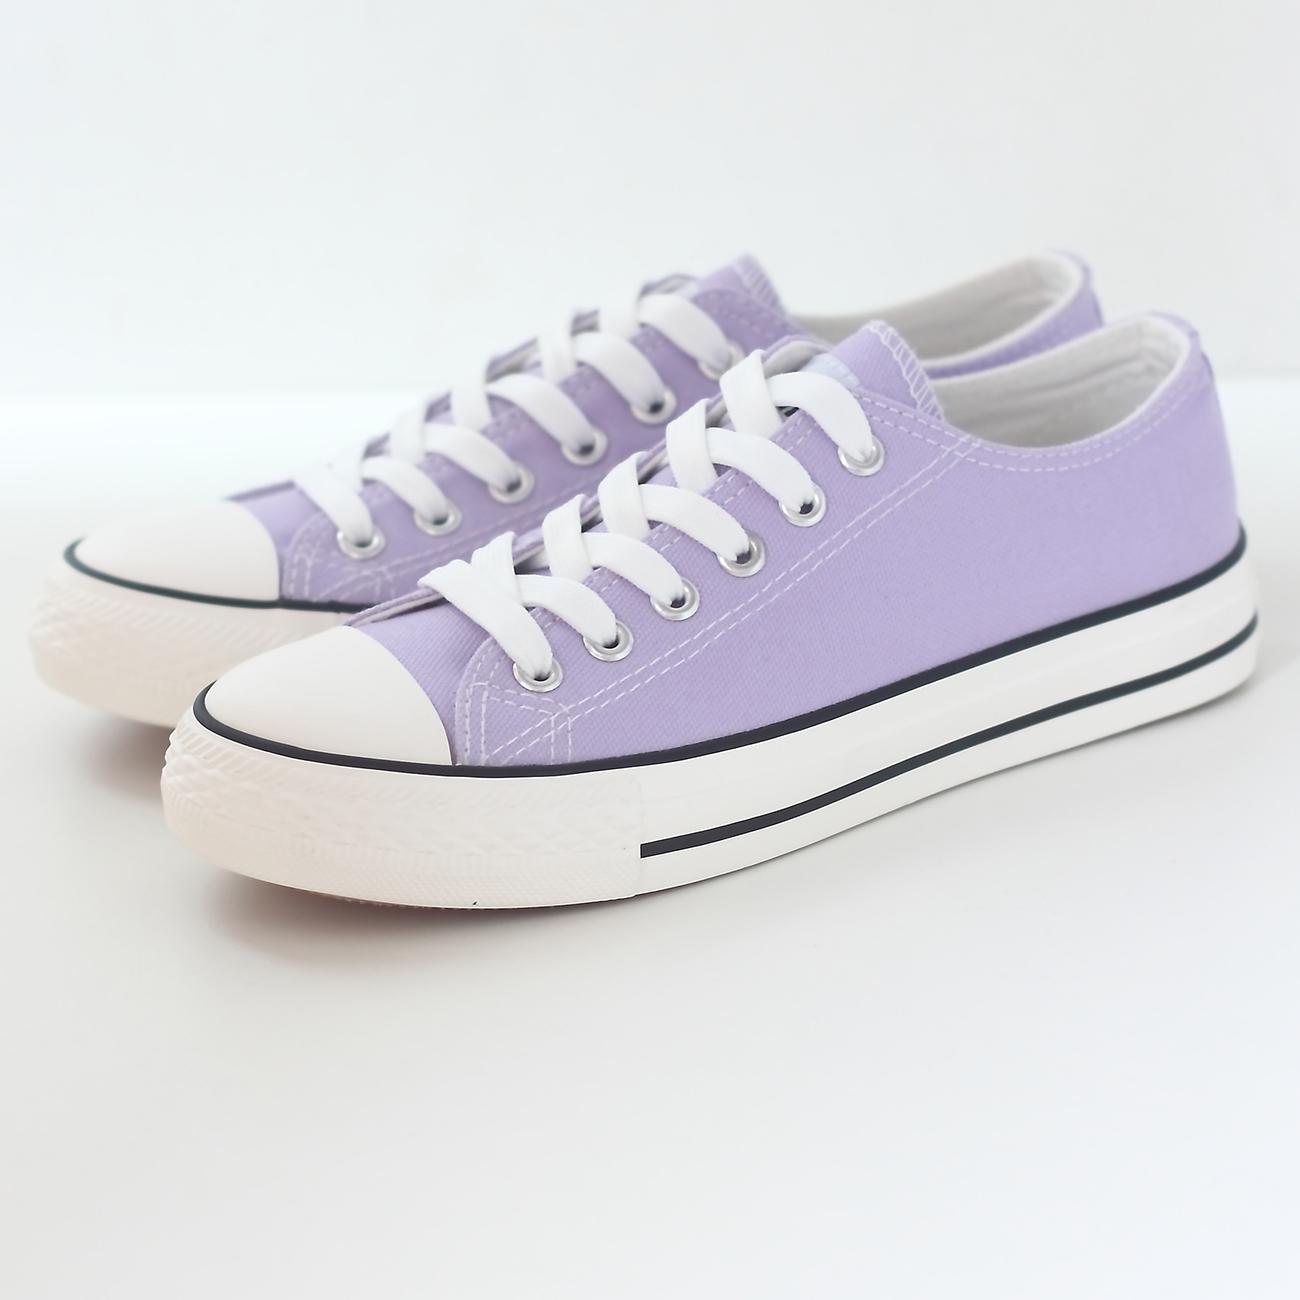 紫色平底鞋 纯色韩版低帮系带平底帆布鞋女鞋运动休闲鞋单鞋紫色女布鞋学生鞋_推荐淘宝好看的紫色平底鞋